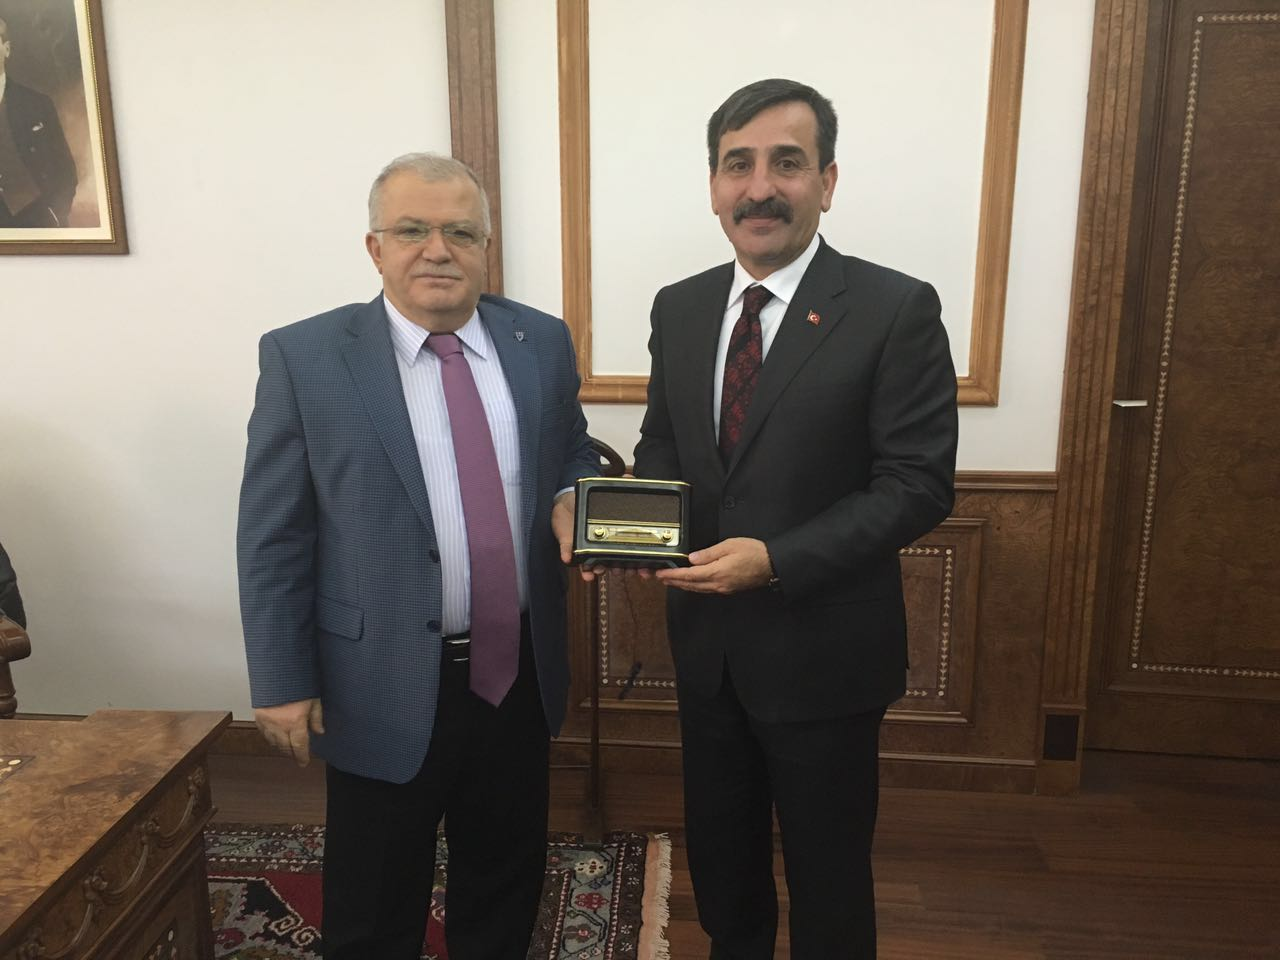 Sendikal Çalışmalar kapsamında Genel Başkanımız Önder Kahveci ve Genel Başkan Yardımcılarımız Abdurrahman Uysal ve Mehmet Ali Çakal Kırşehir'i ziyaret ettiler.